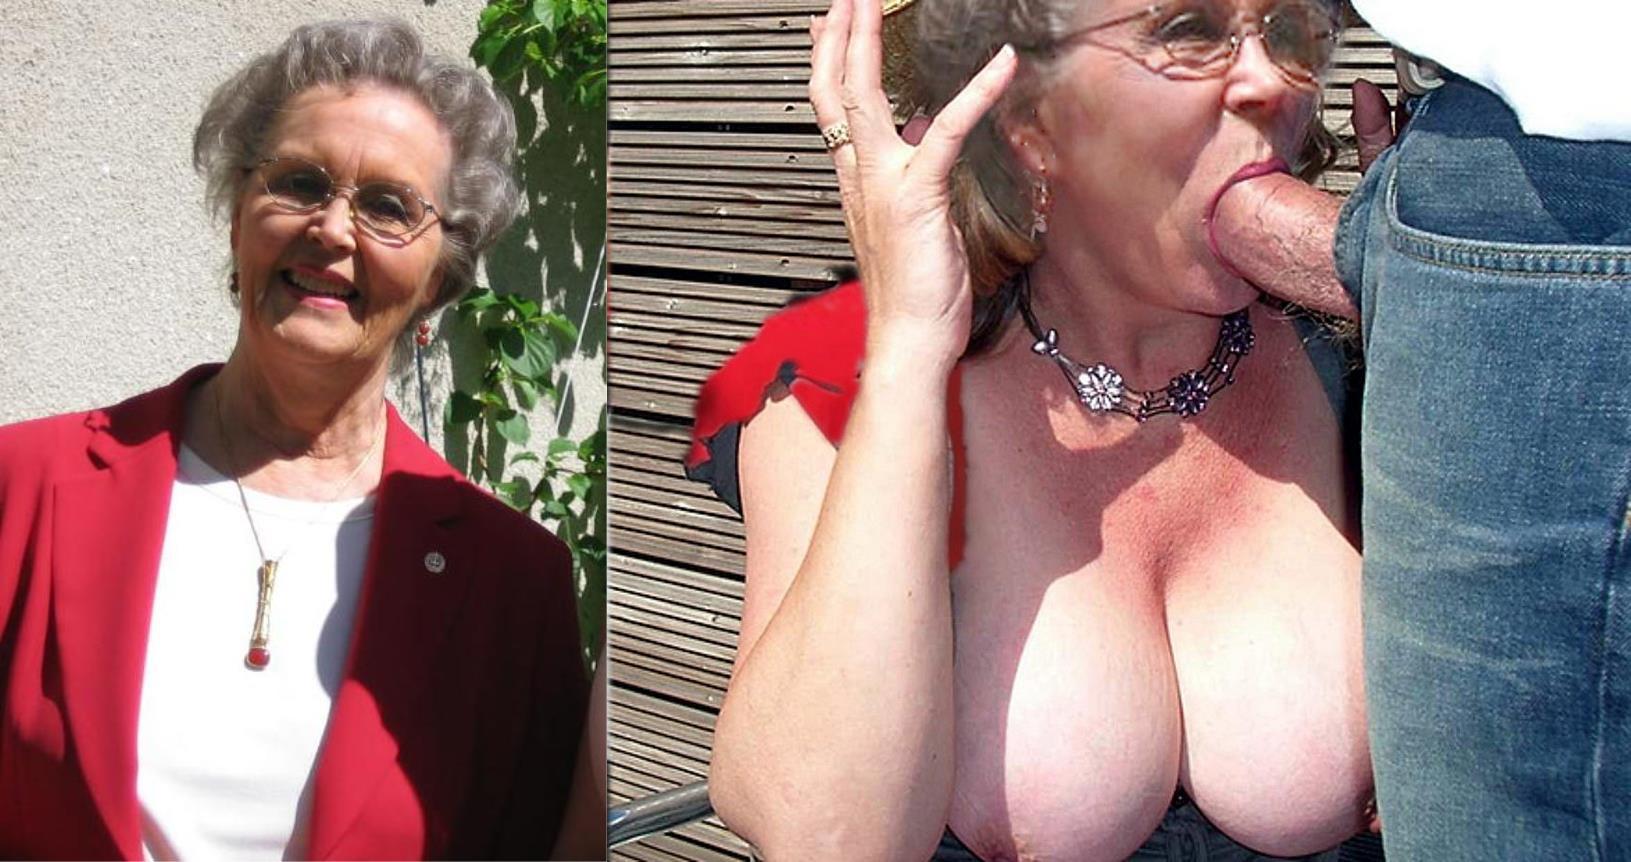 Undressing porn photos